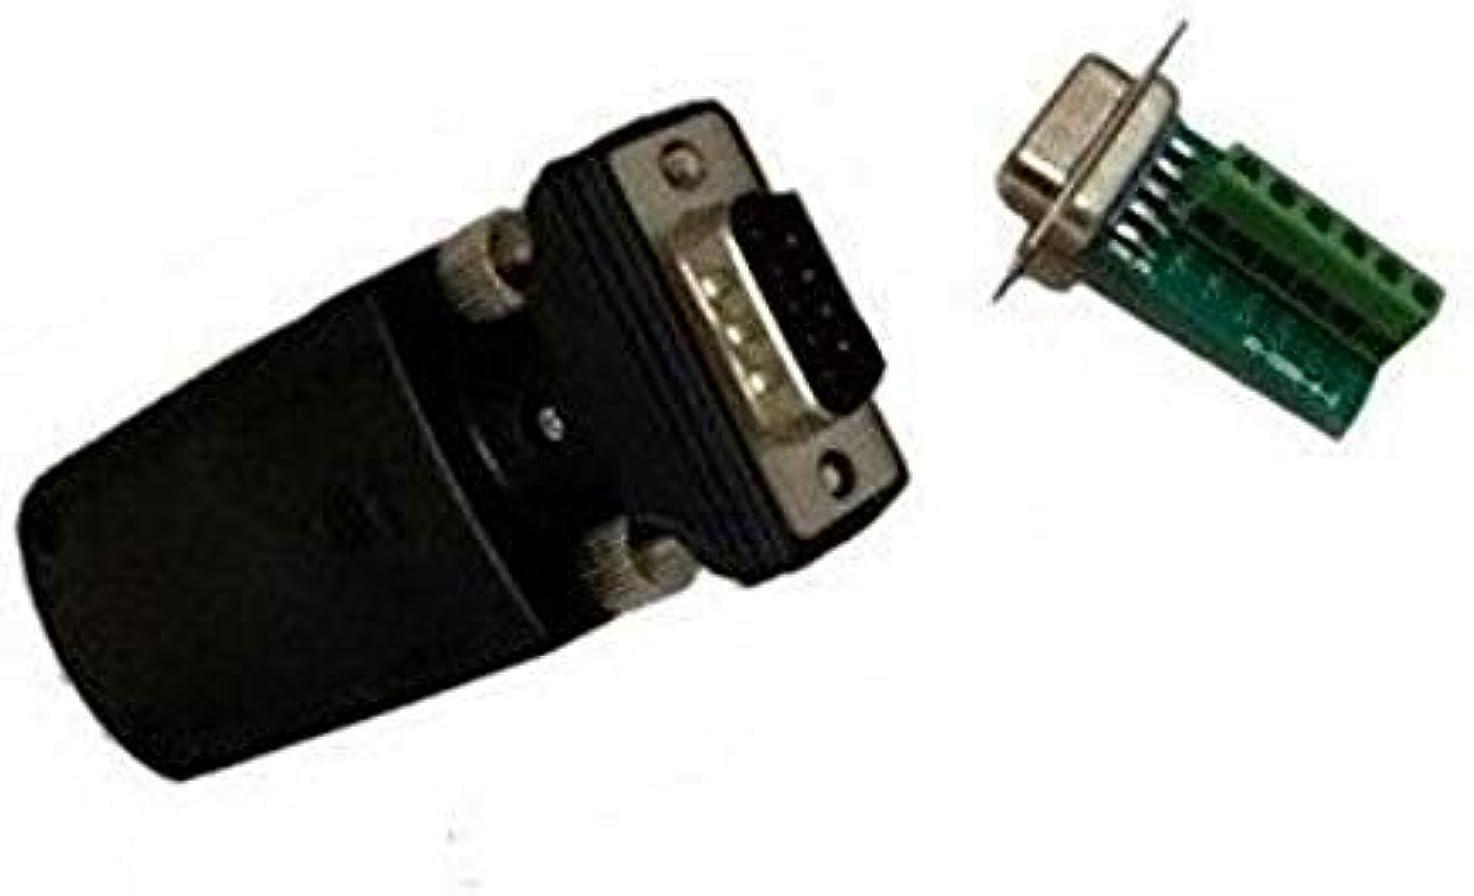 飛行機租界安全な10?M rs485シリアルオス/メスBluetoothワイヤレスネットワークアダプタ/ Wide適用性/として使用シリアルケーブル